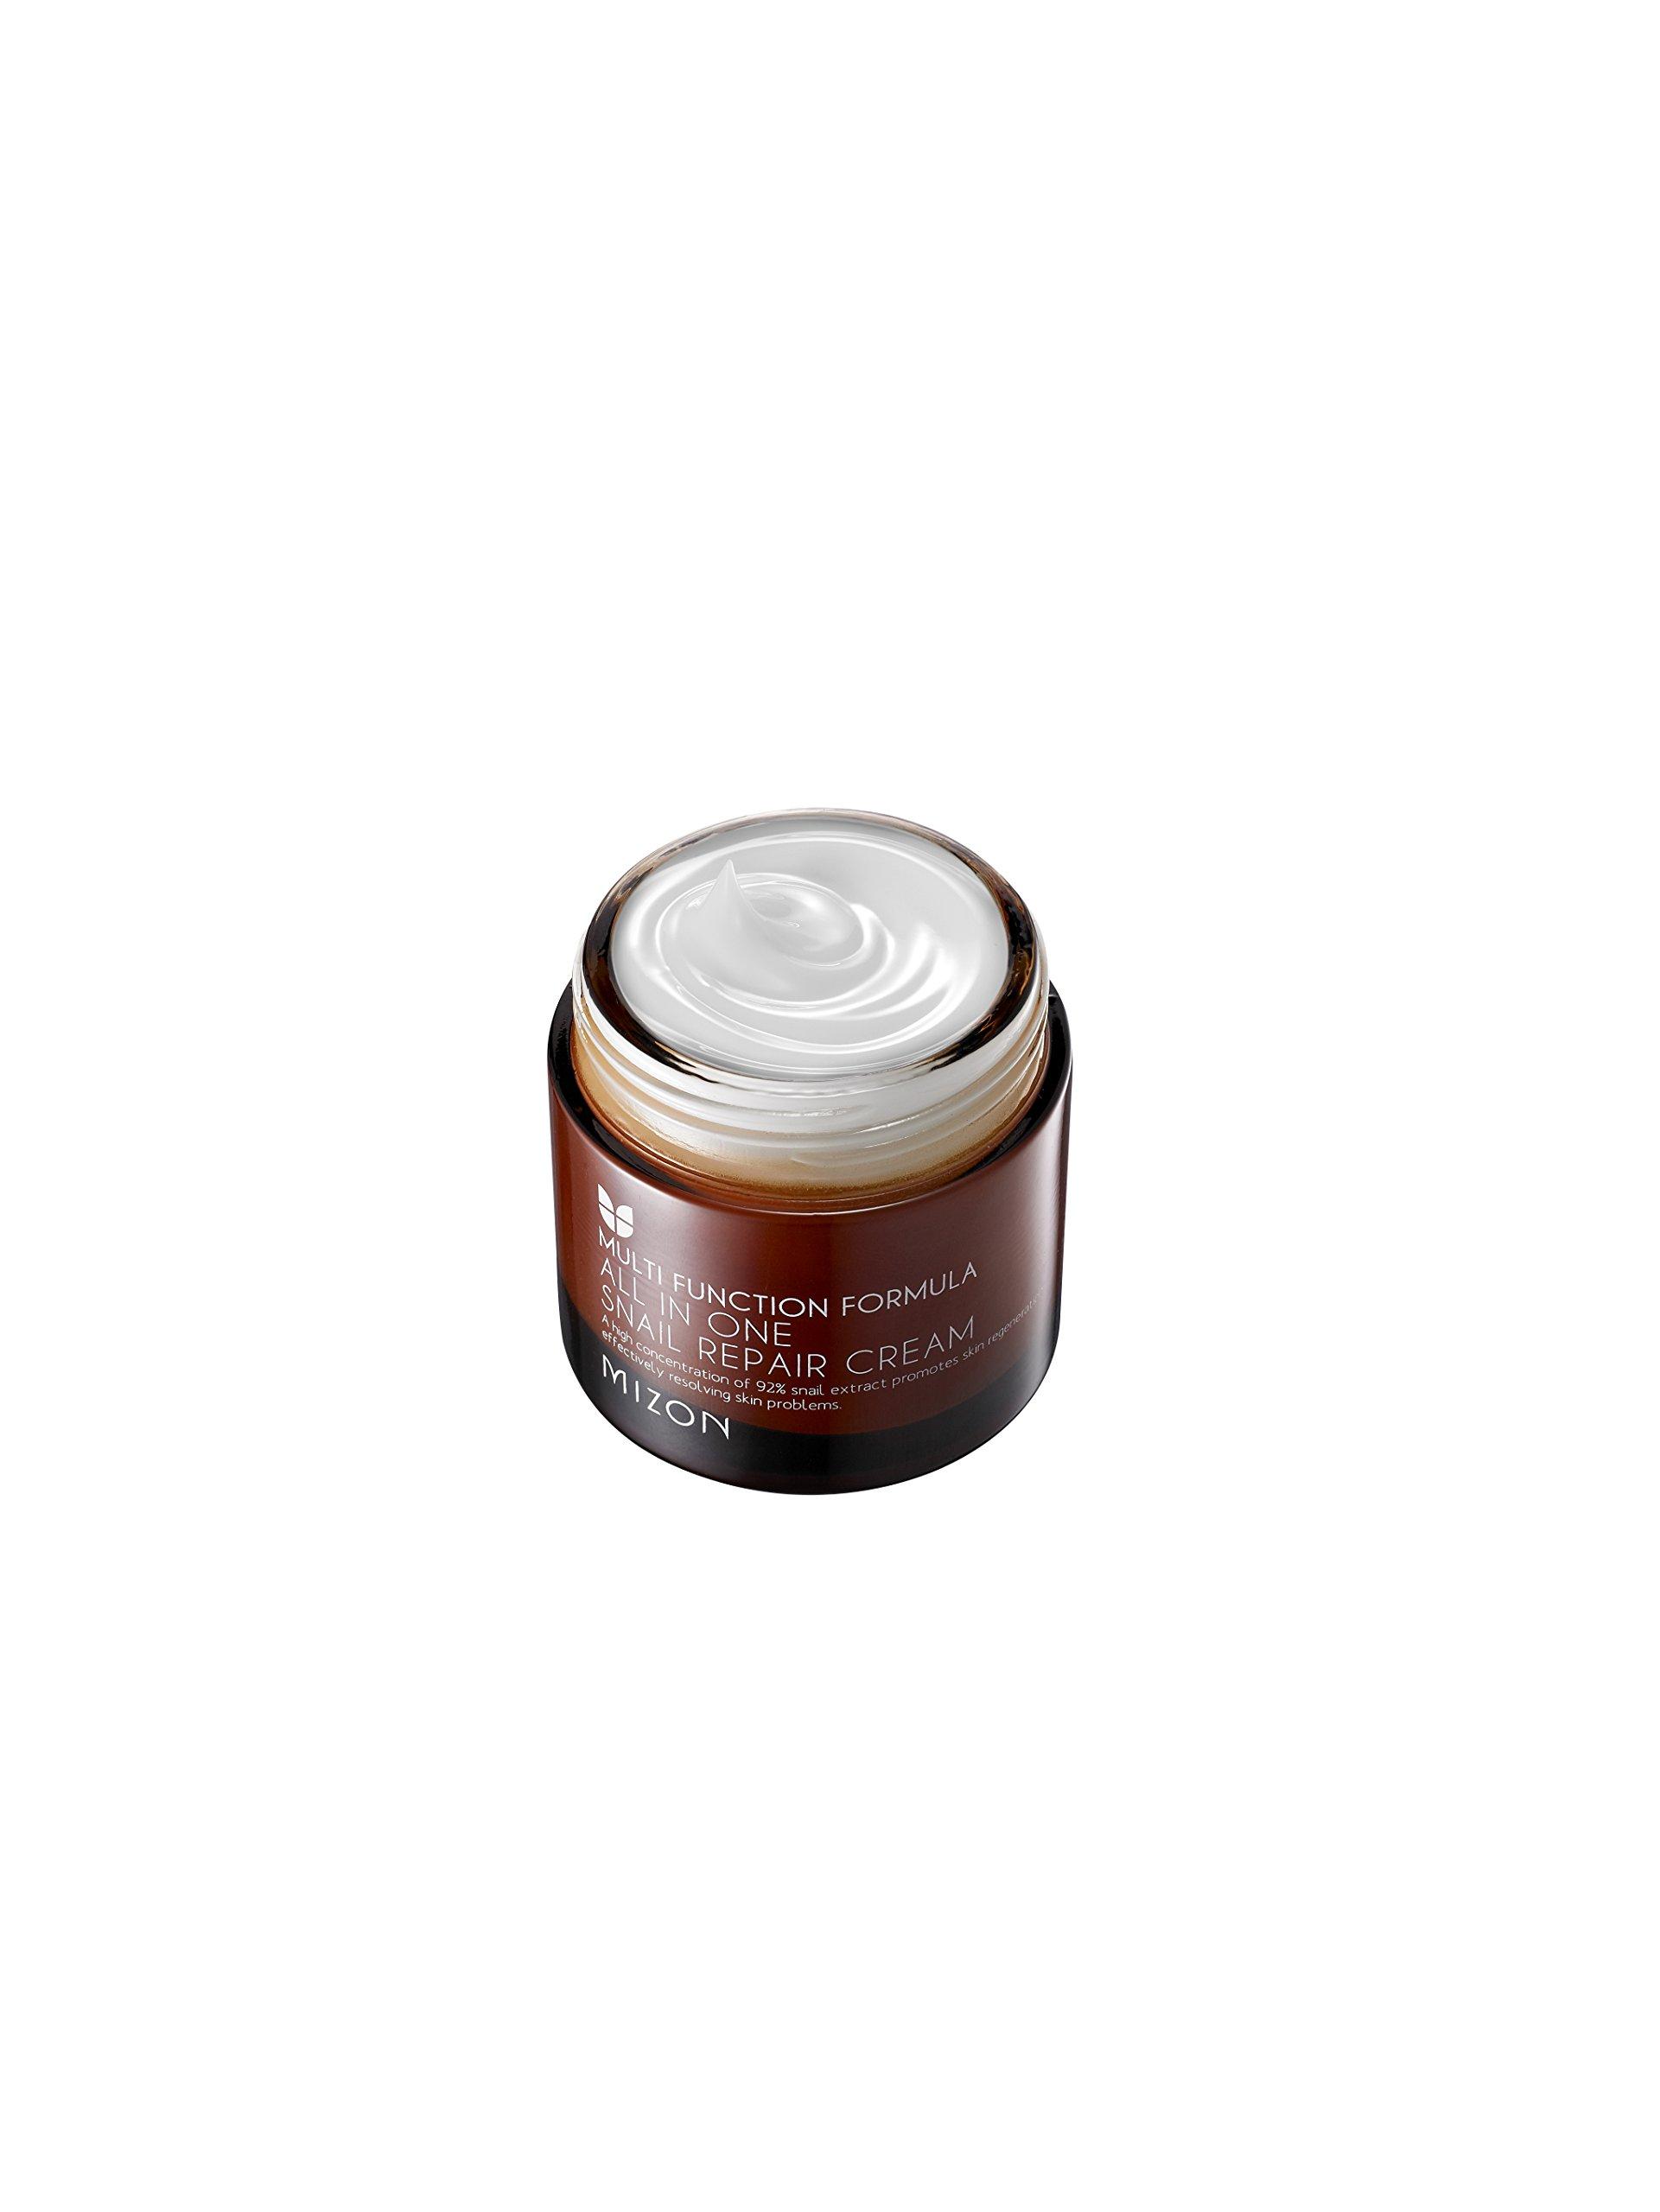 [MIZON] All In One Snail Repair Cream, 75ml